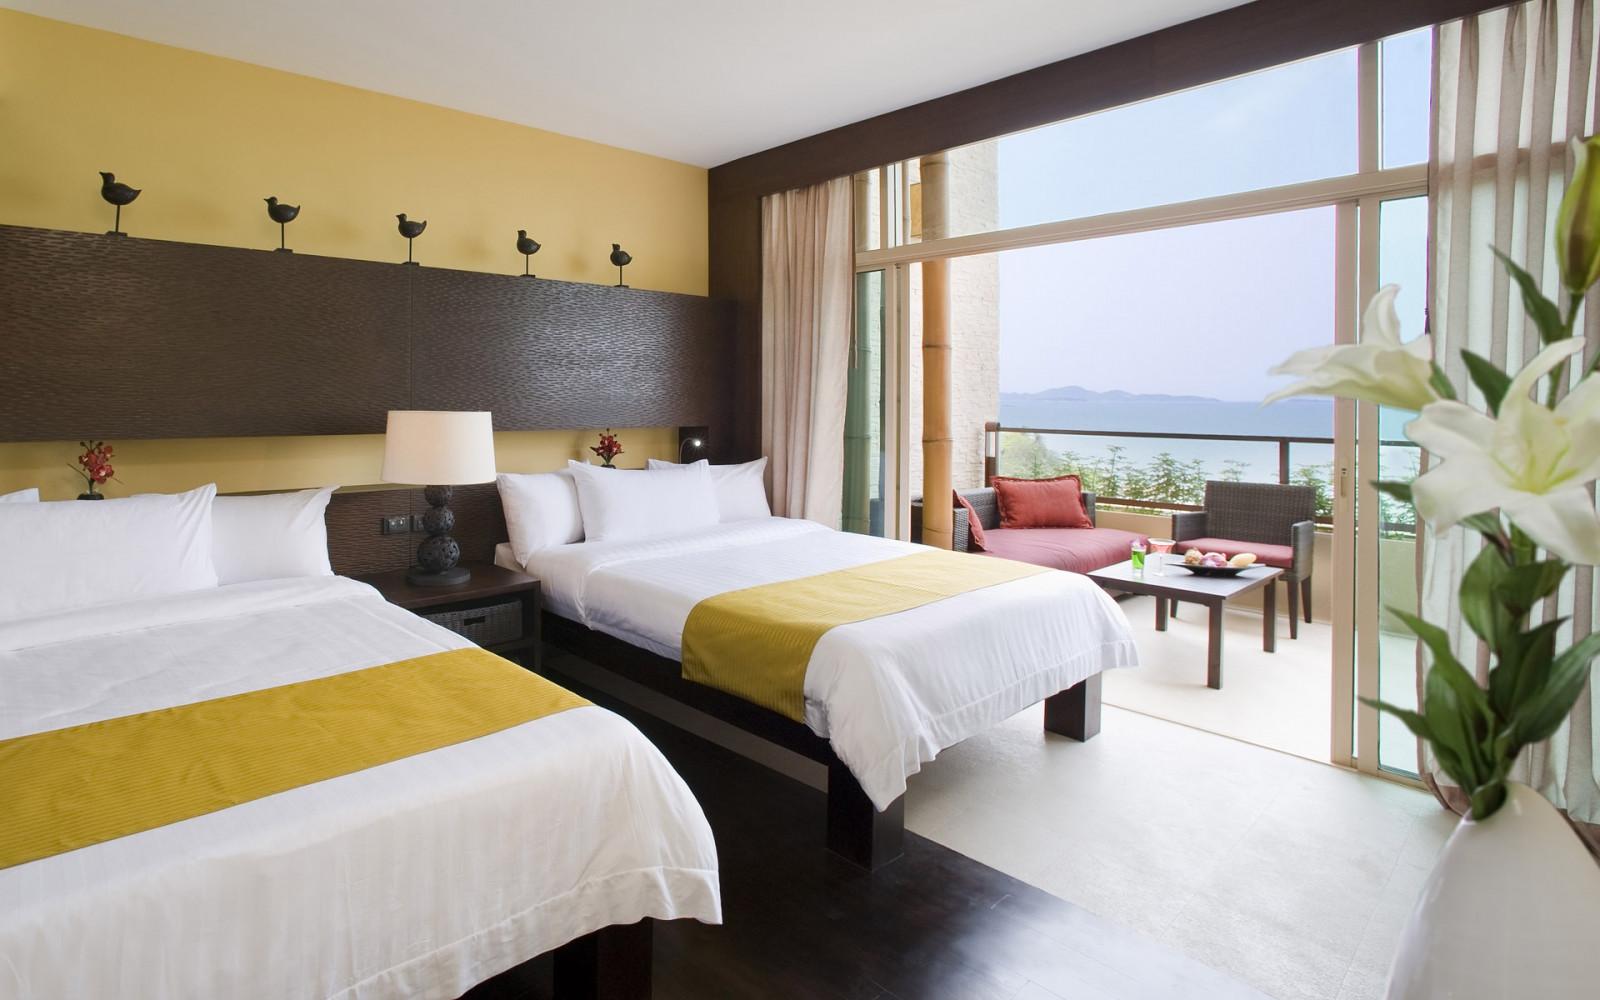 Sfondi : camera, Hotel, moderno, ricorrere, Camera da letto ...